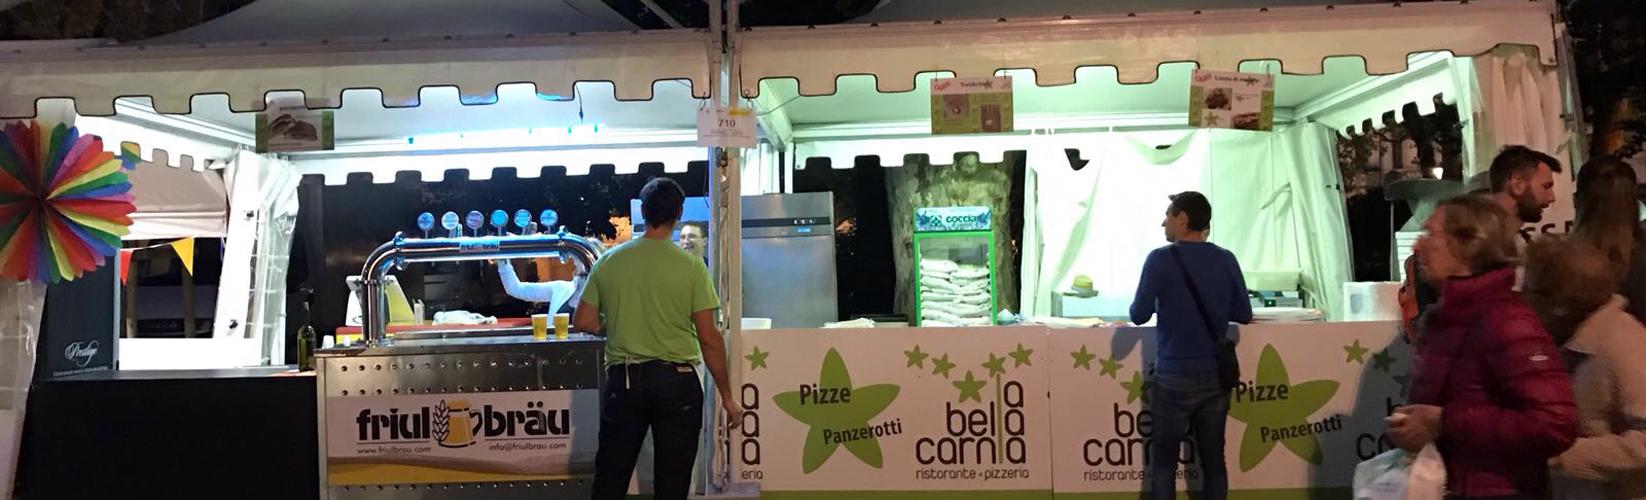 Trattoria Pizzeria la Bella Carnia a Tolmezzo Udine